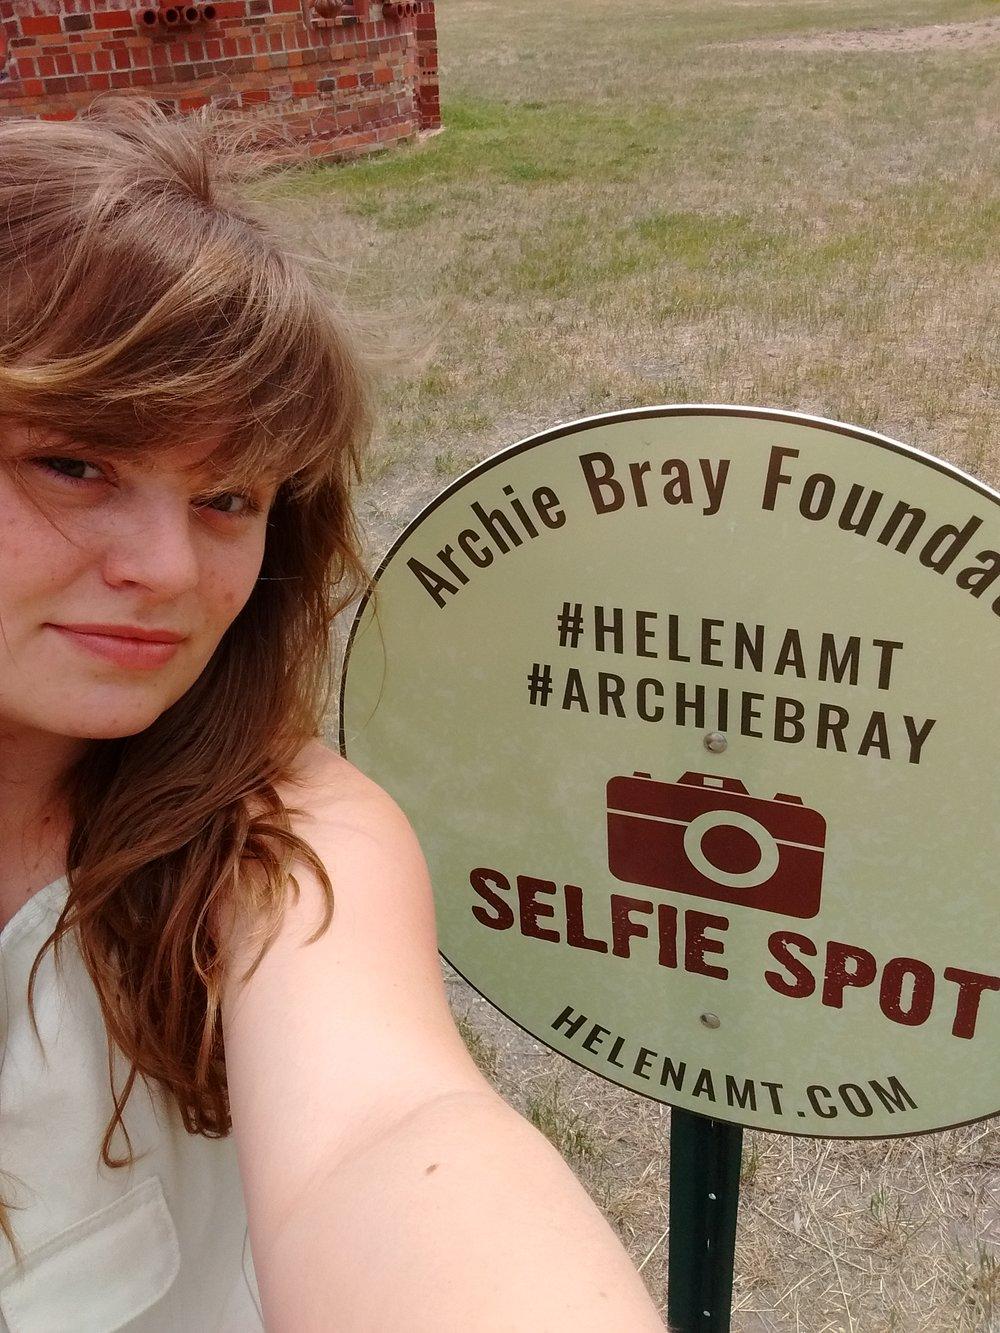 #selfiespot